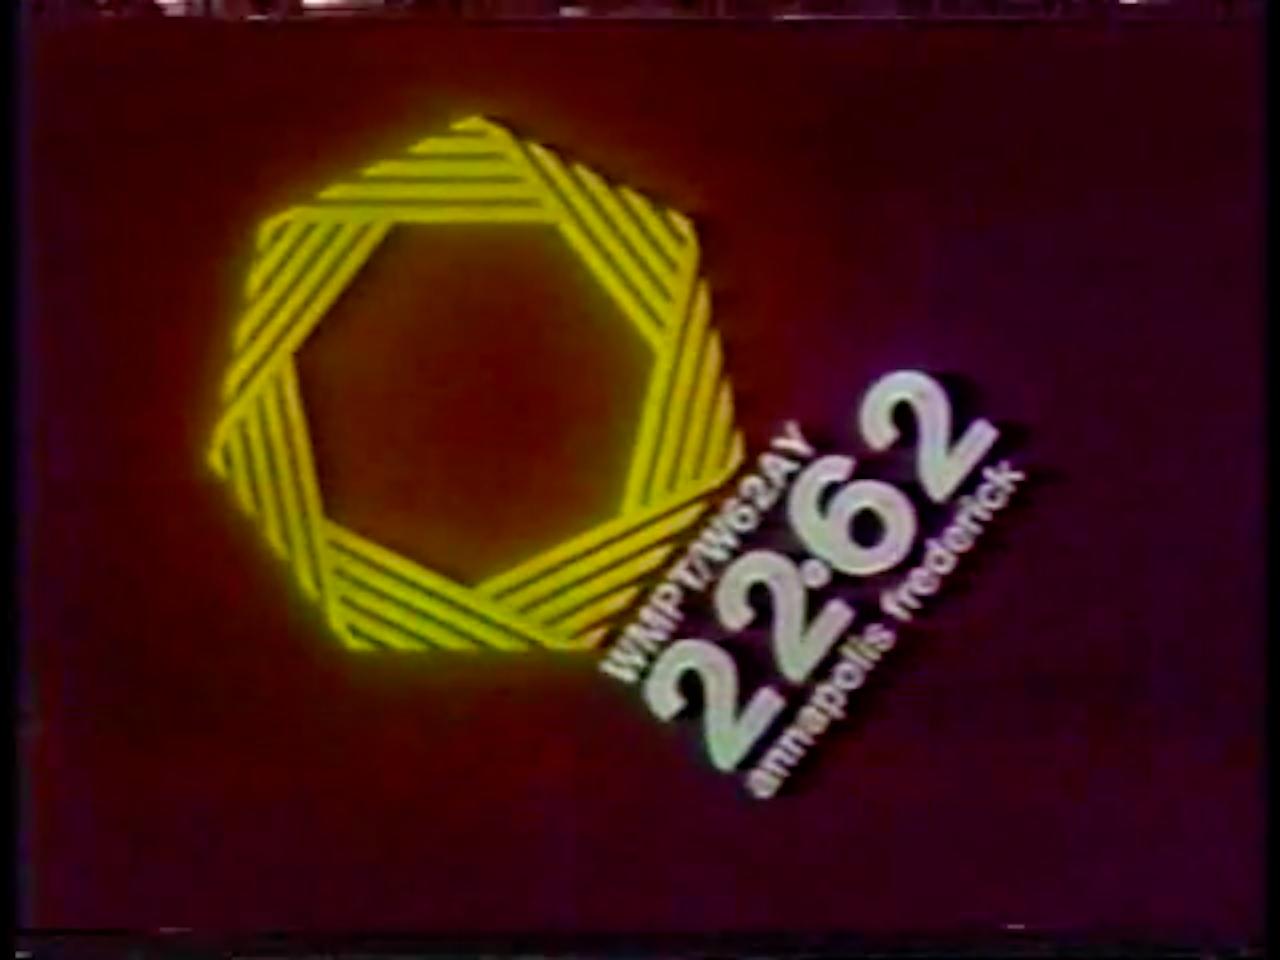 Maryland Public Television